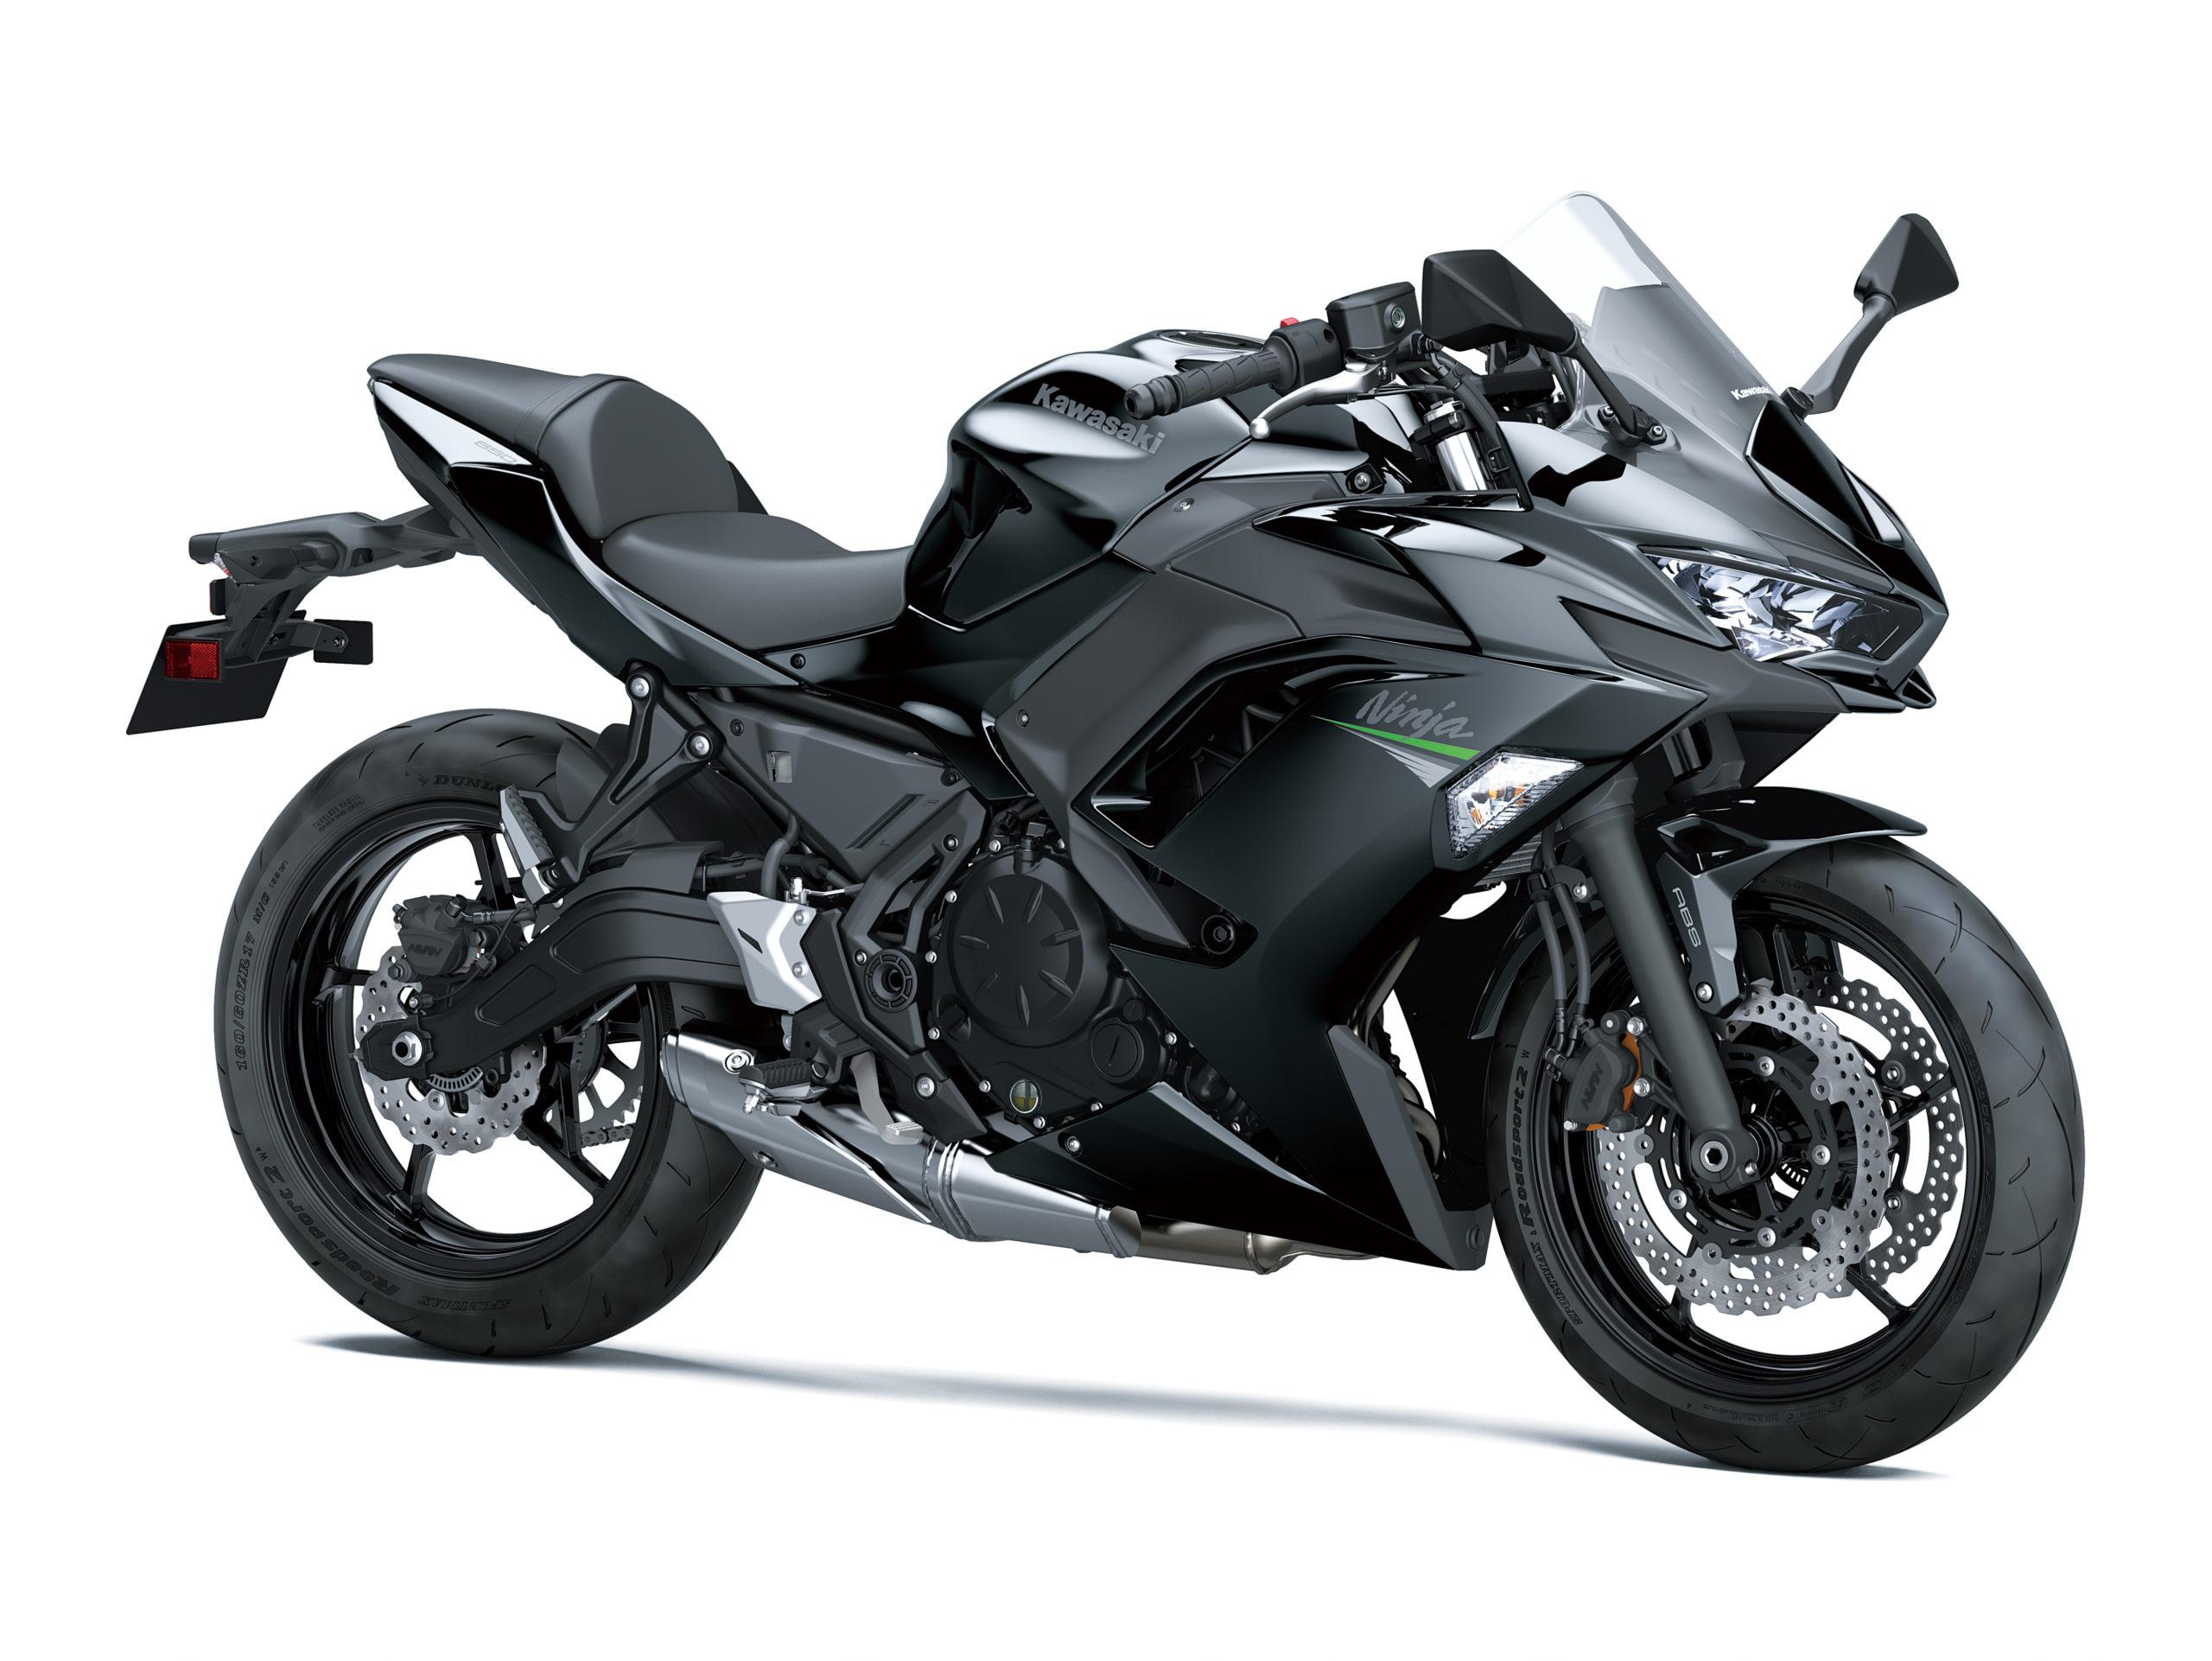 2021-Ninja-650-noir-metallic